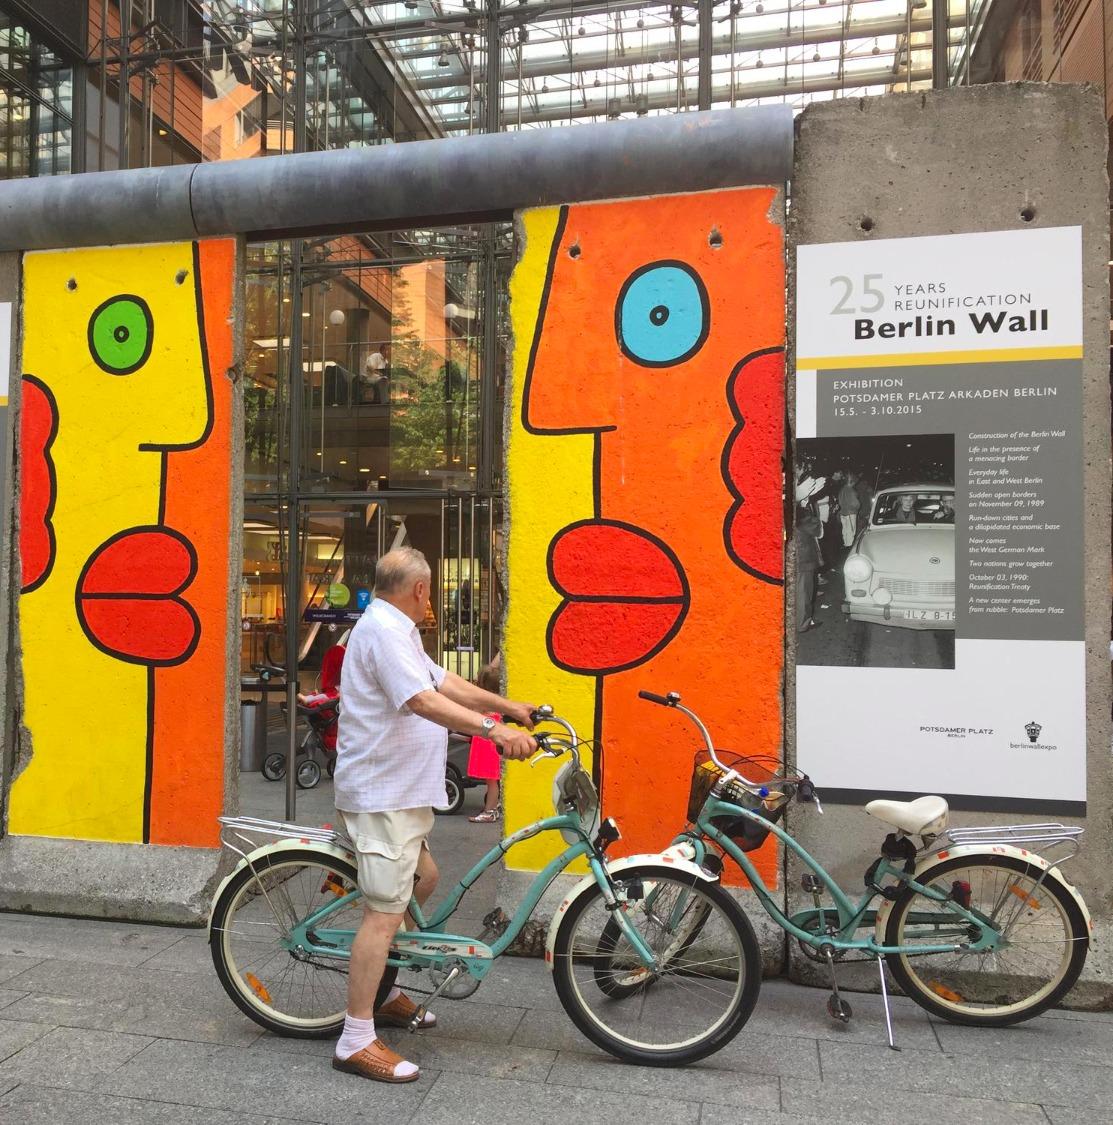 ברלין אמנות רחוב